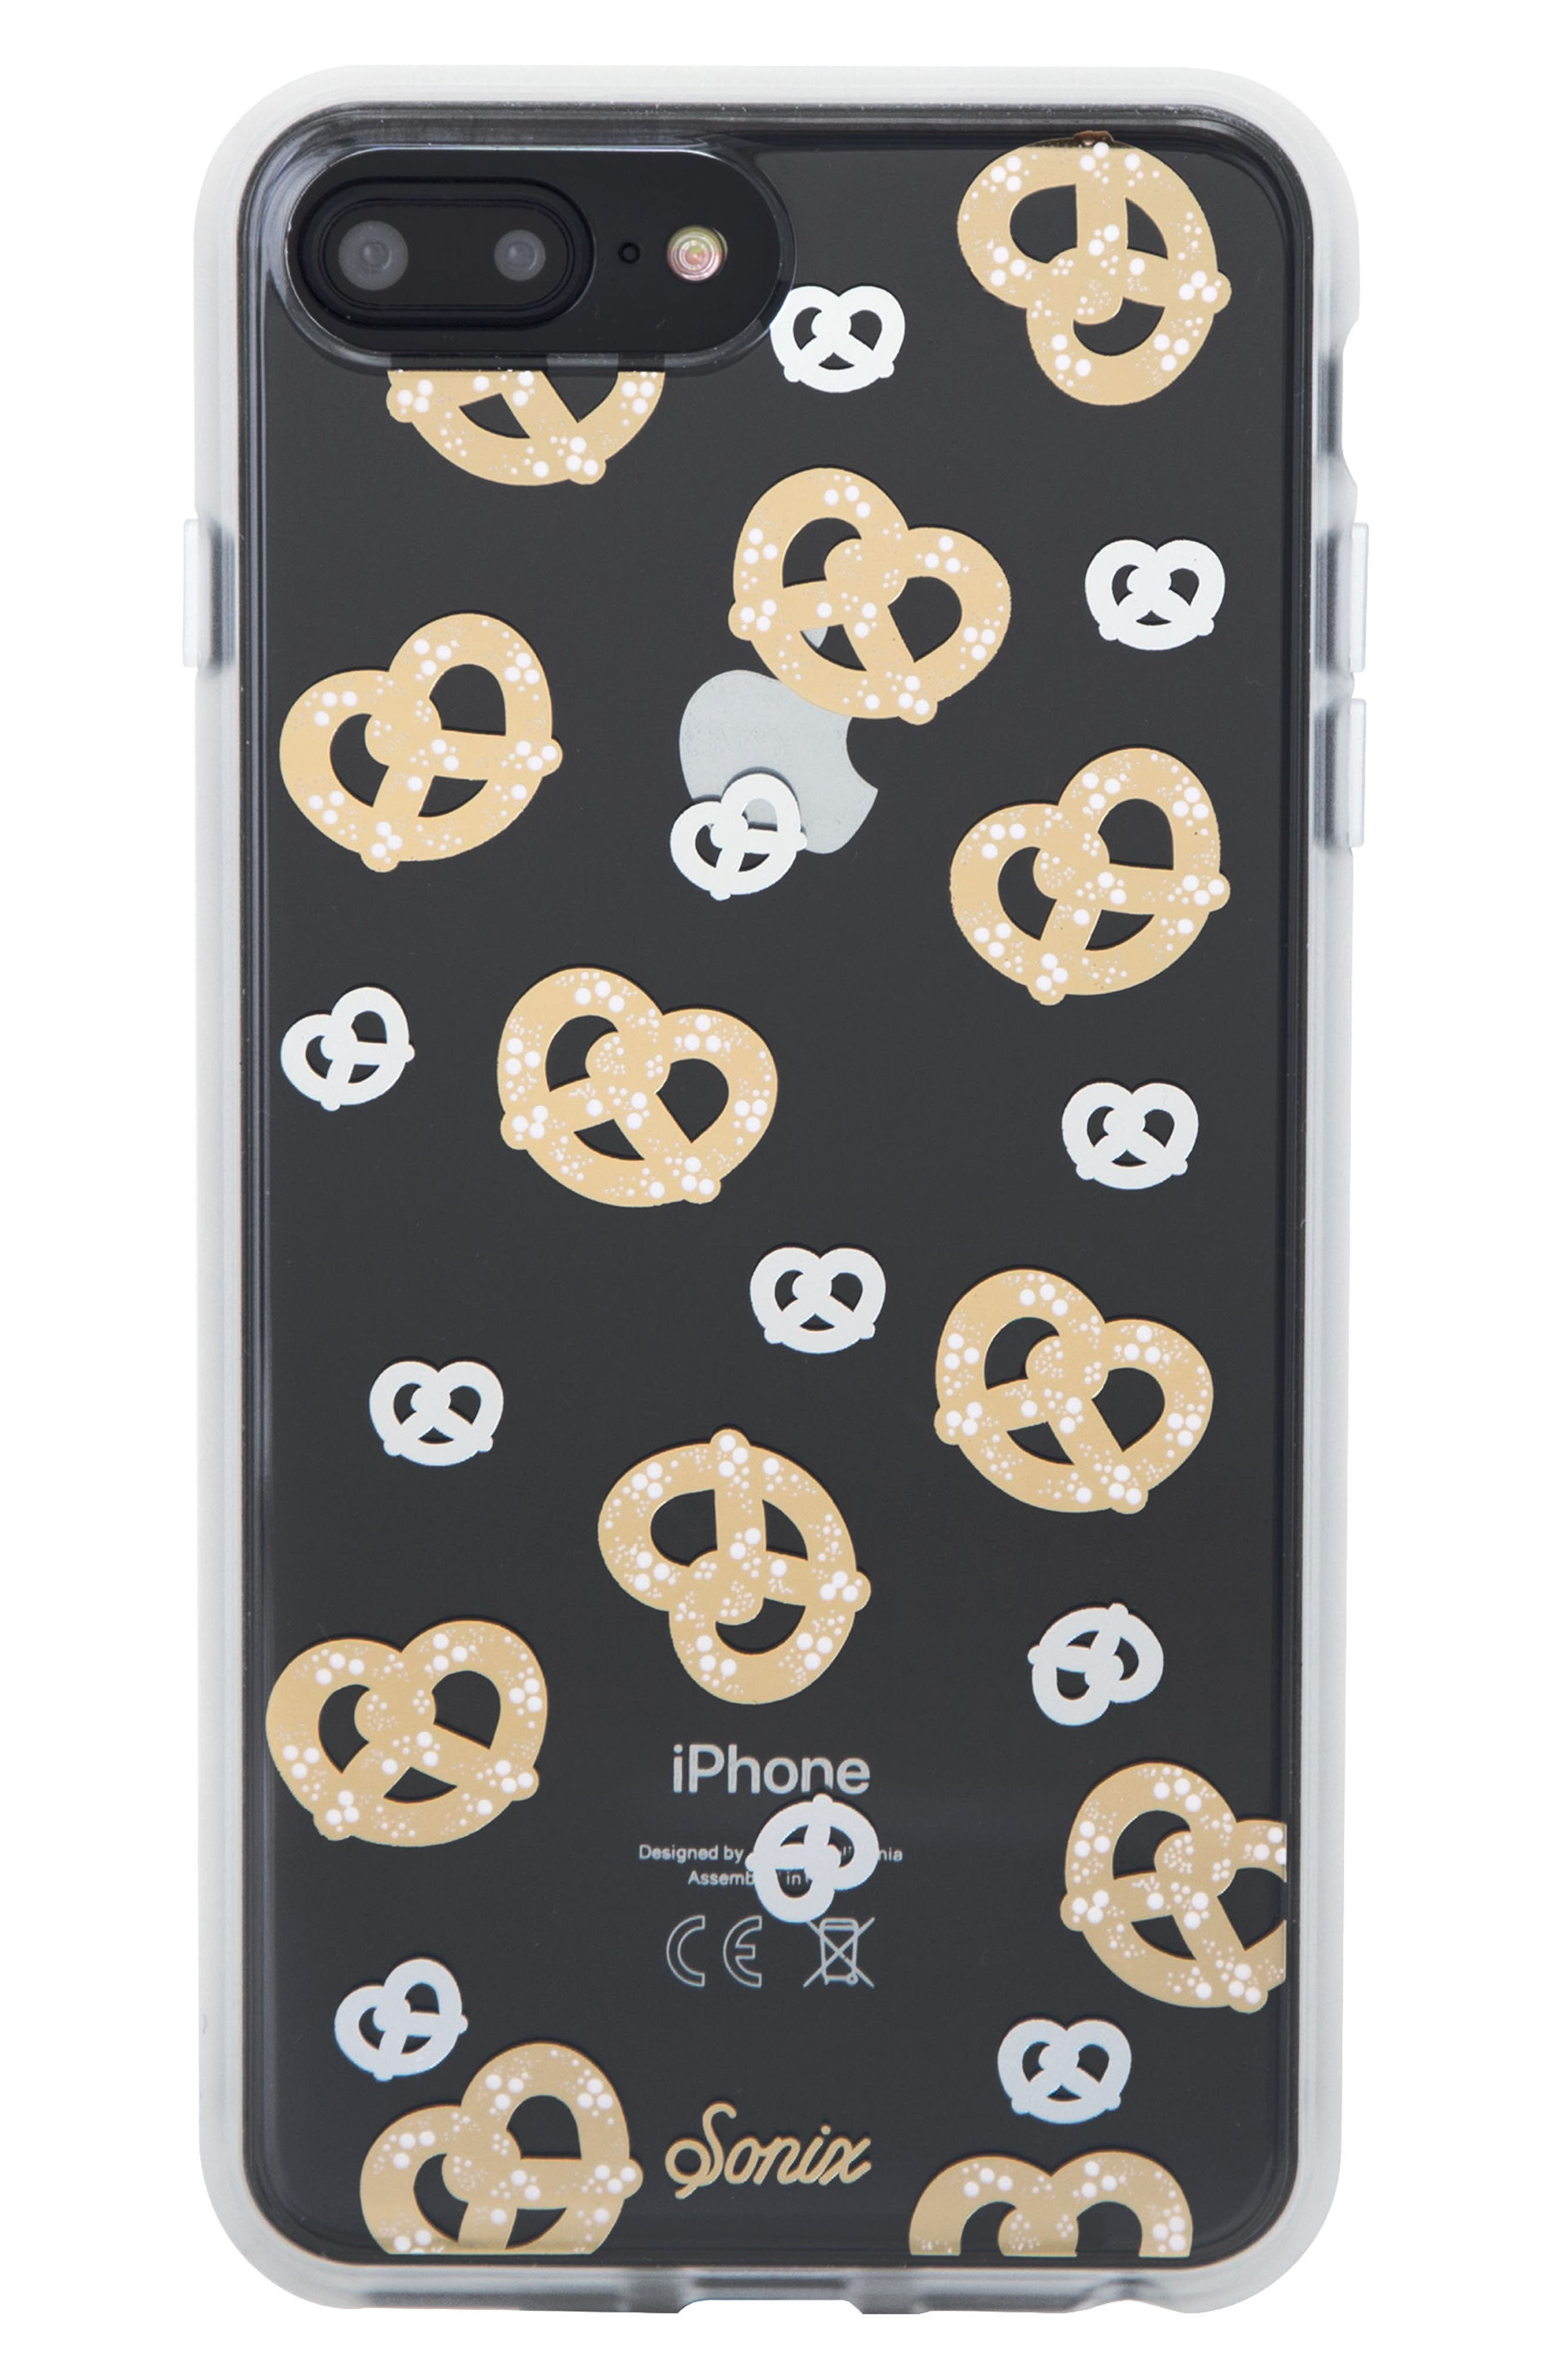 Pretzel iPhone 6/6s/7/8 & 6/6s/7/8 Plus Case,                         Main,                         color, GOLD/ SILVER